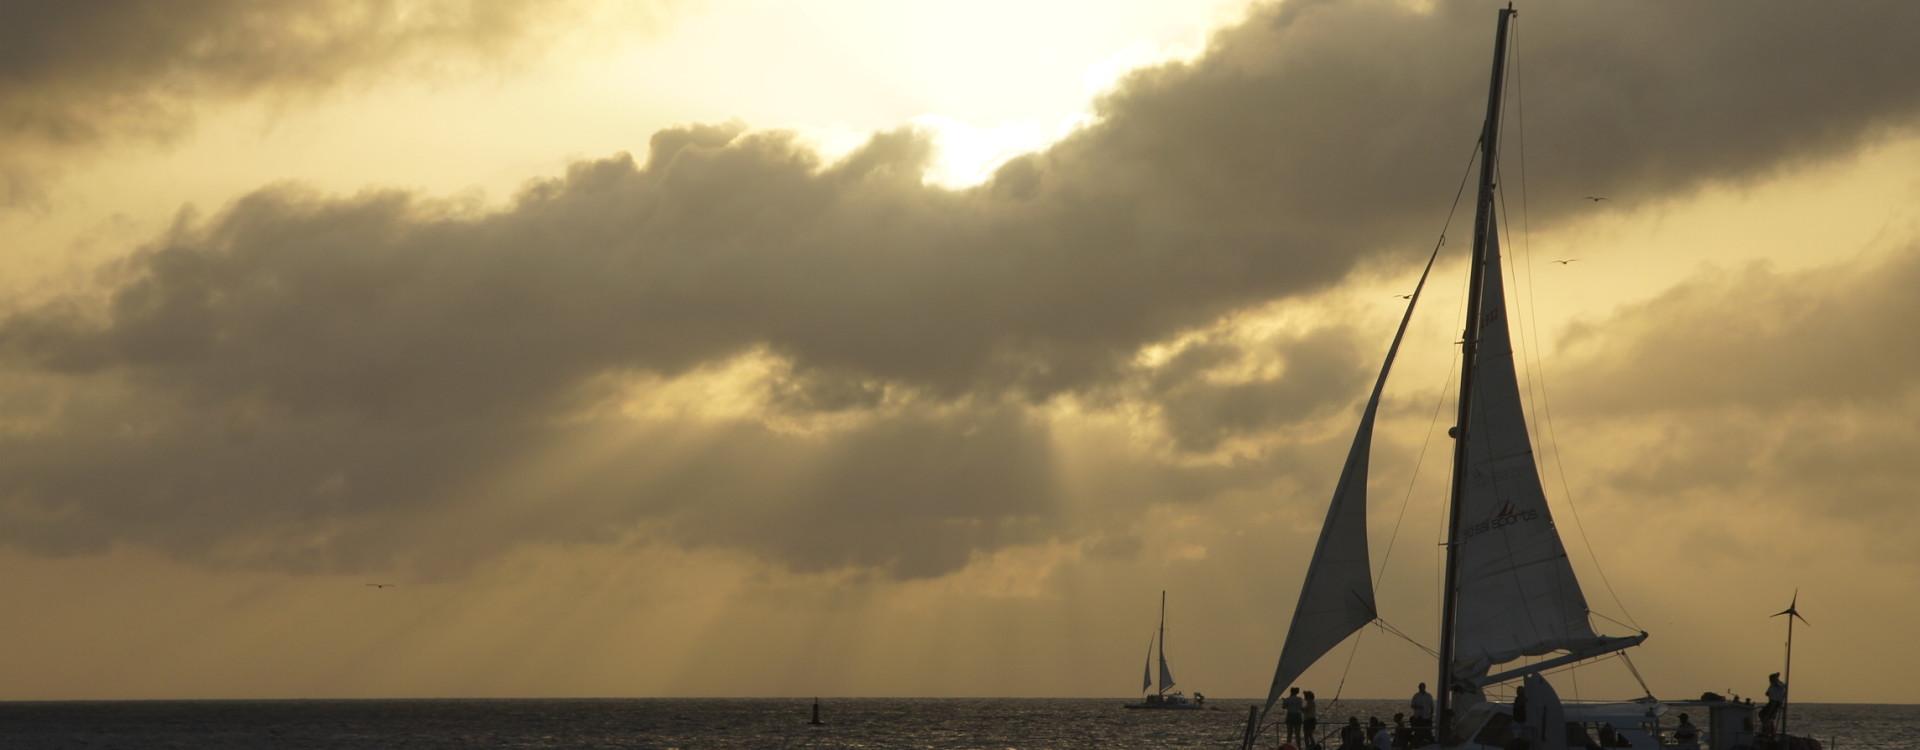 Aruba Boats